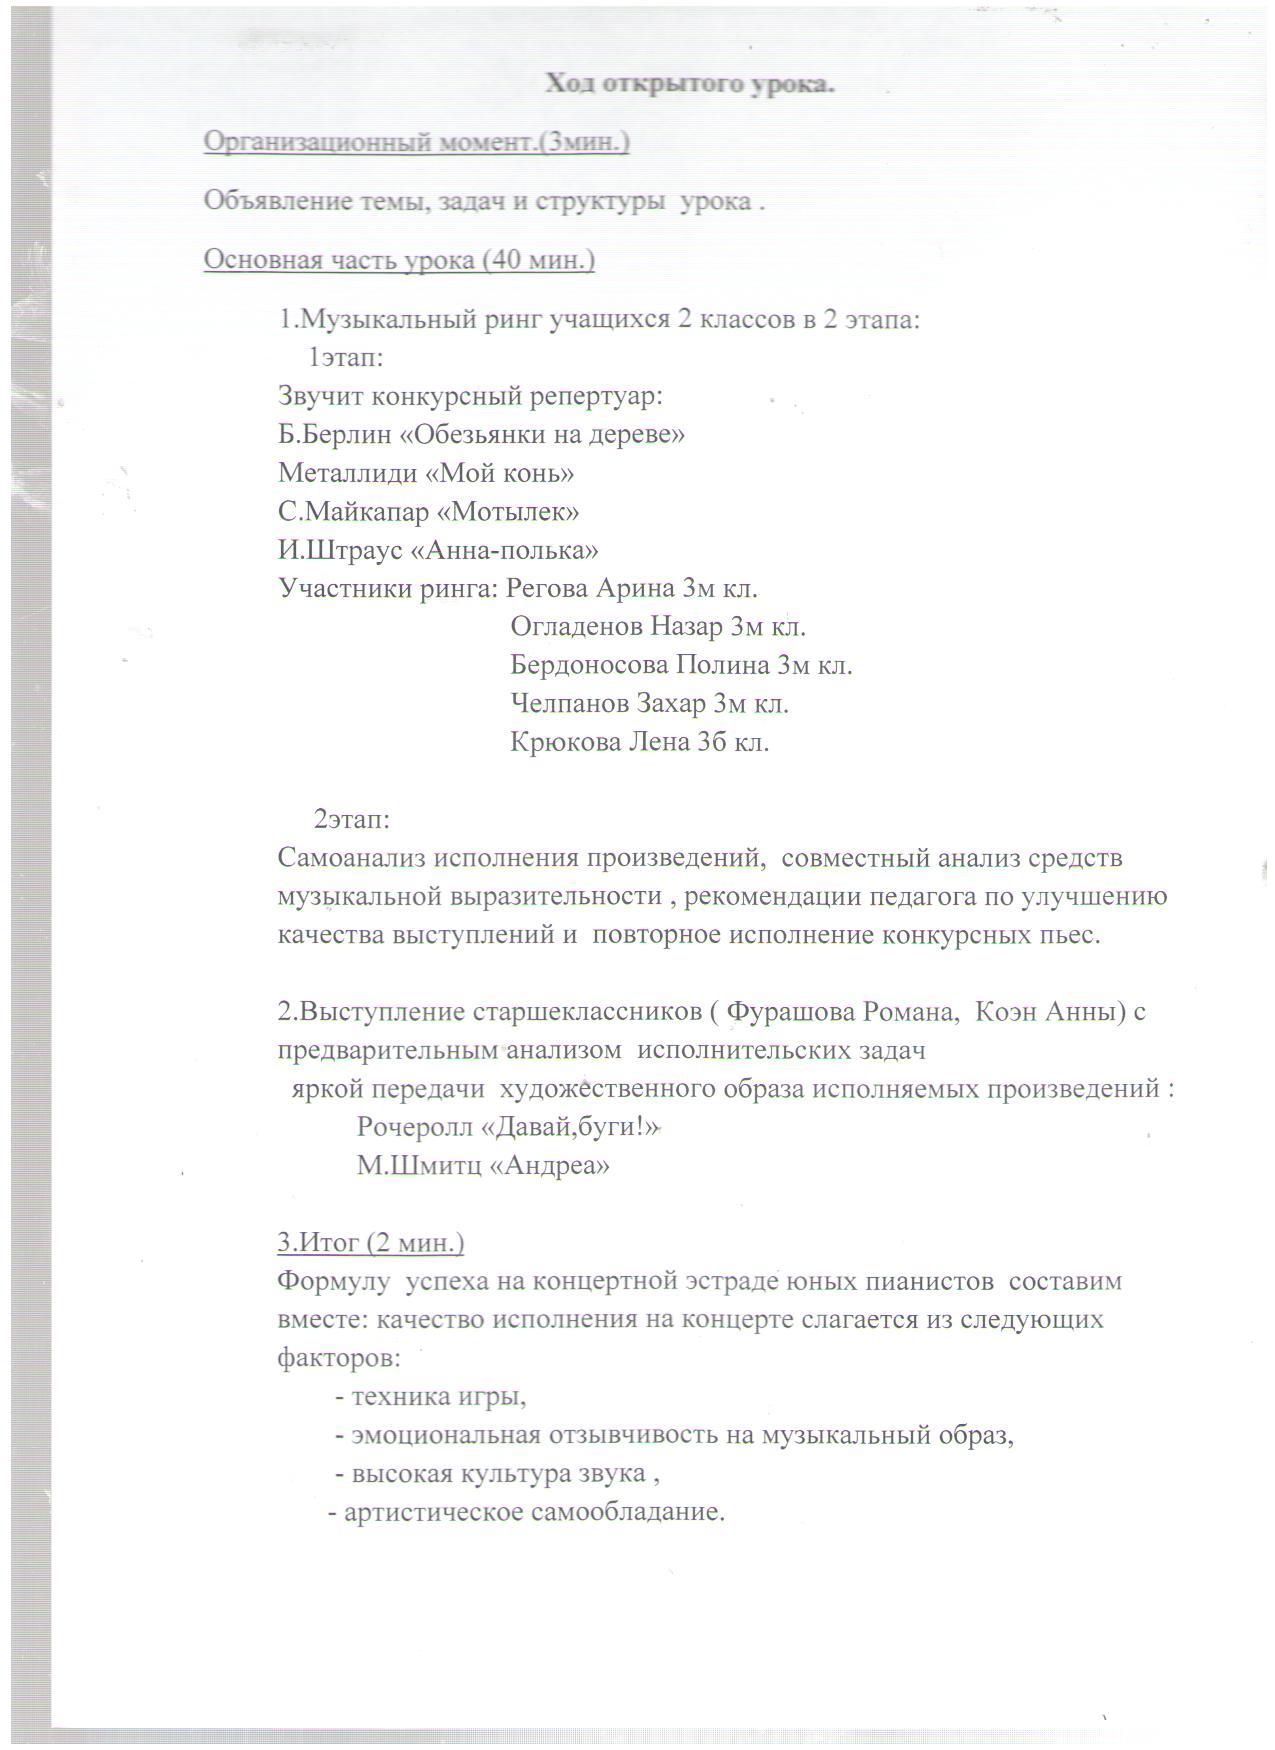 C:\Users\Нина\Desktop\Пономарева11\открытый урок3.jpg